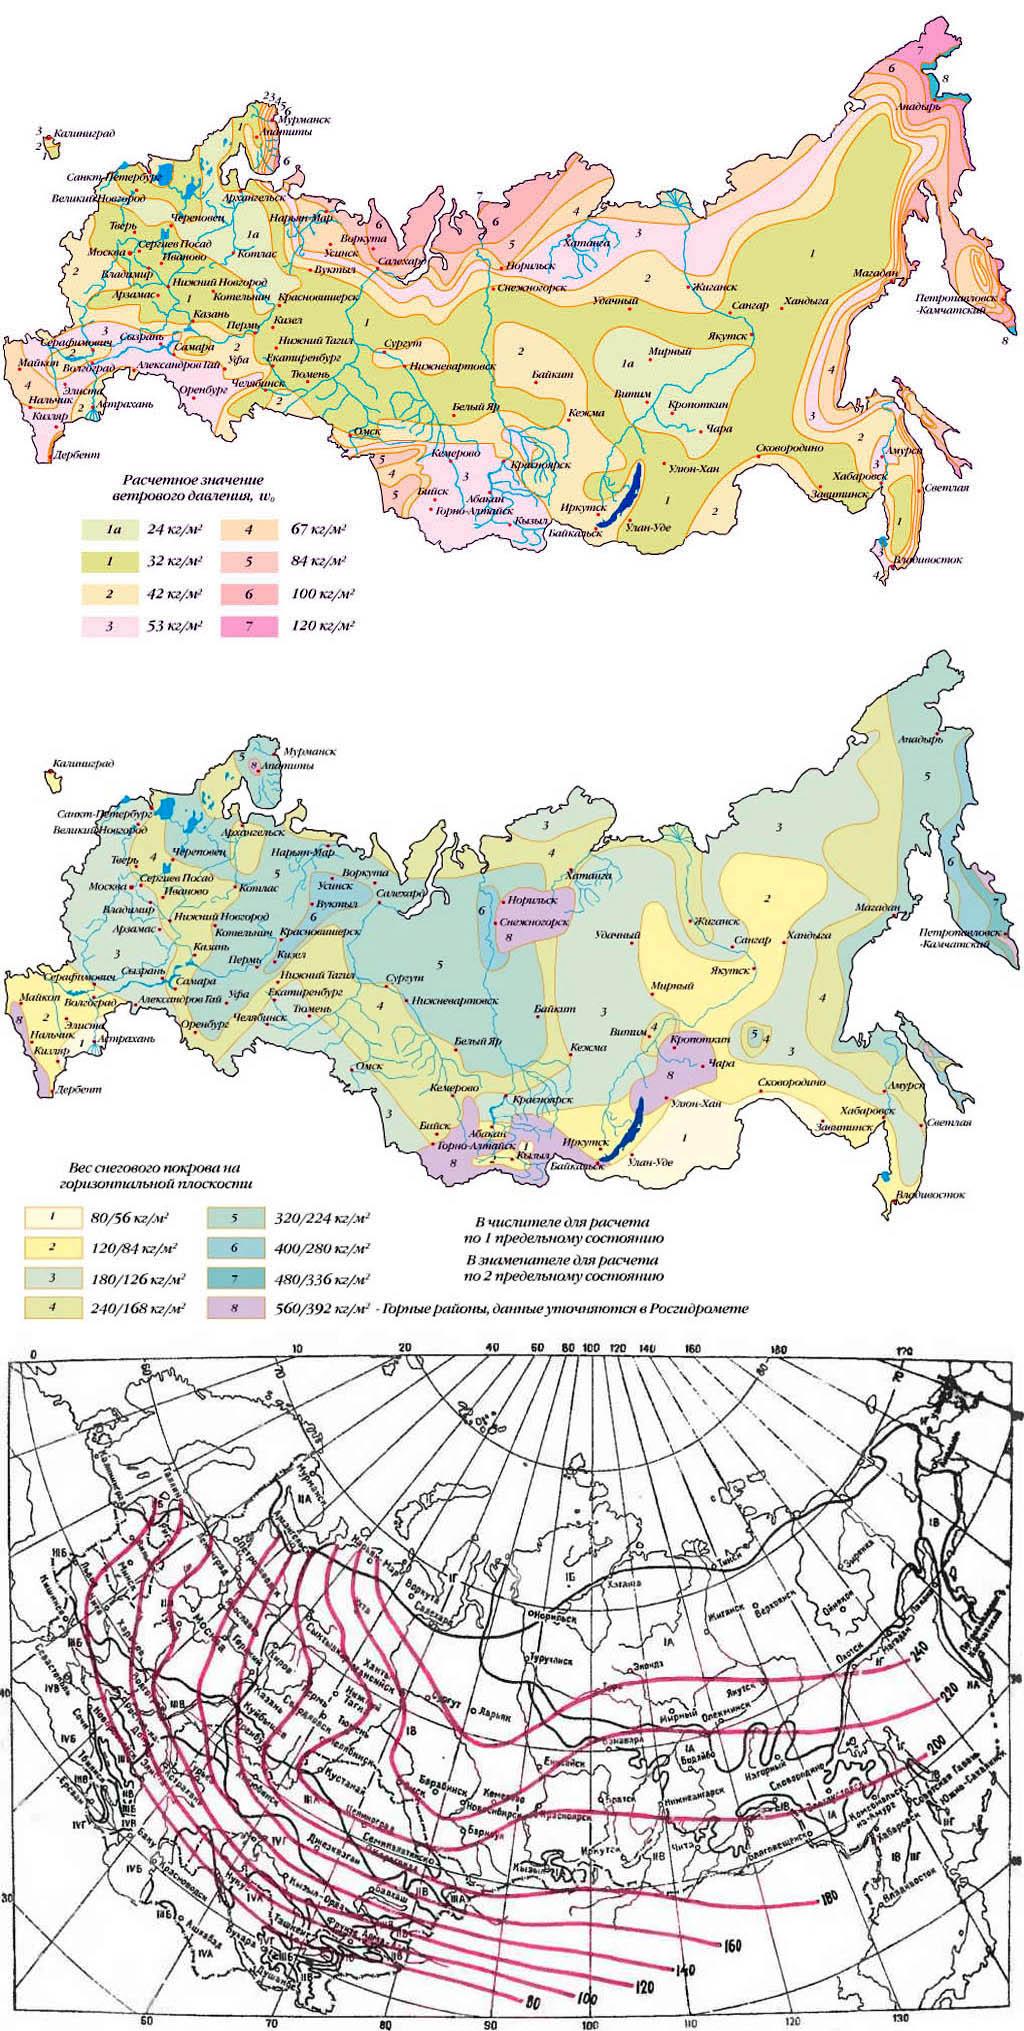 Районирование РФ по климатическим нагрузкам и глубине промерзания грунта